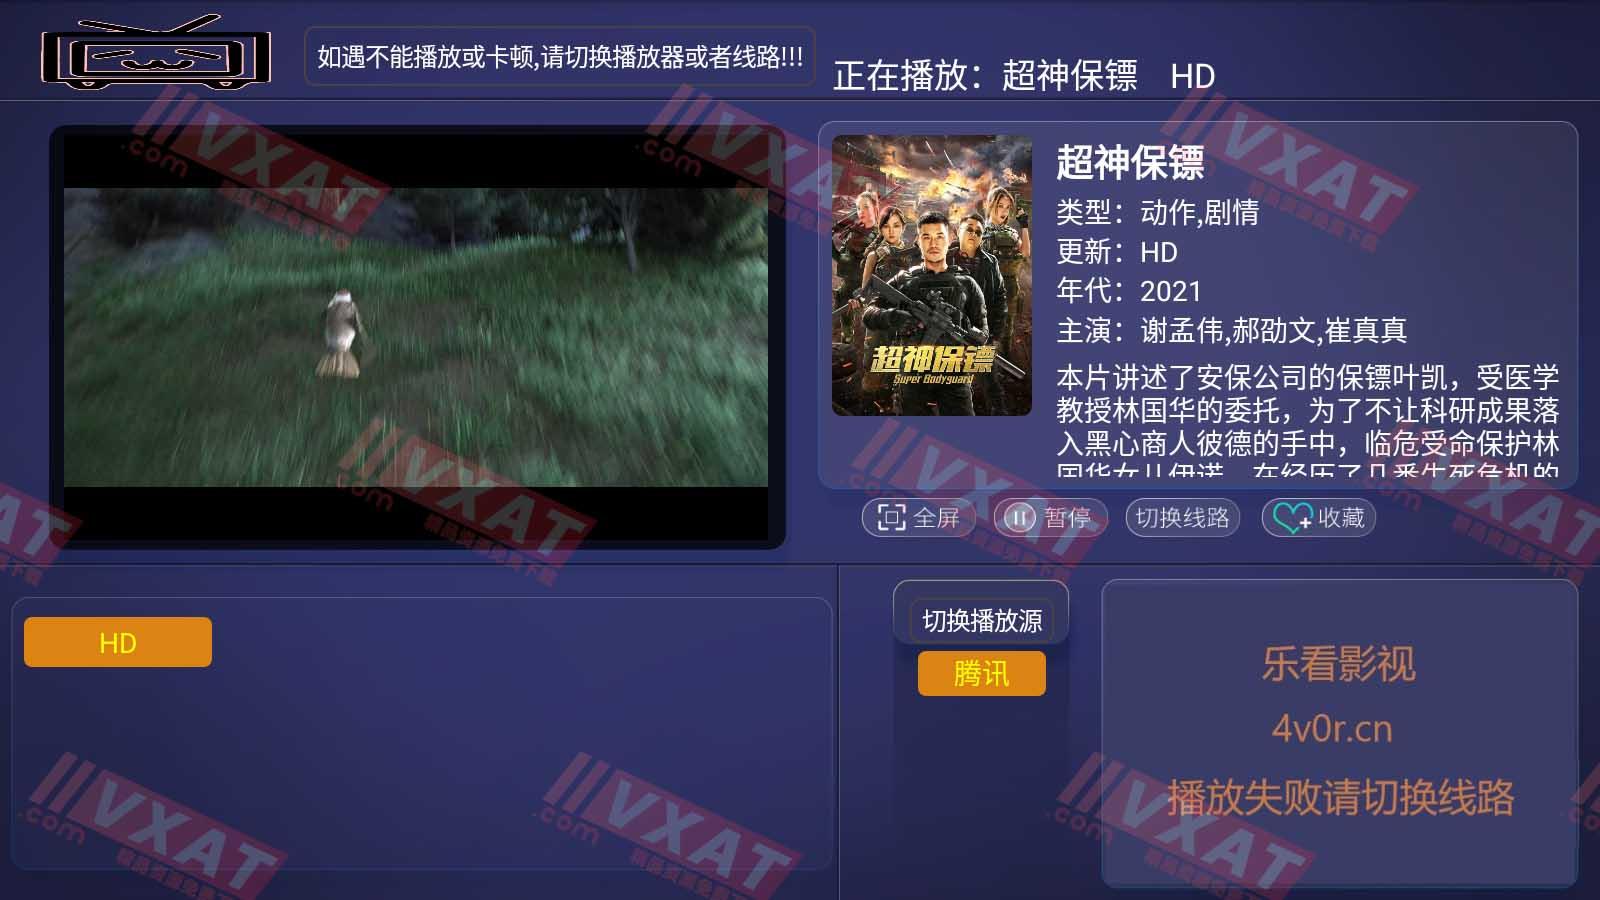 乐看TV_v5.0 电视版 第2张